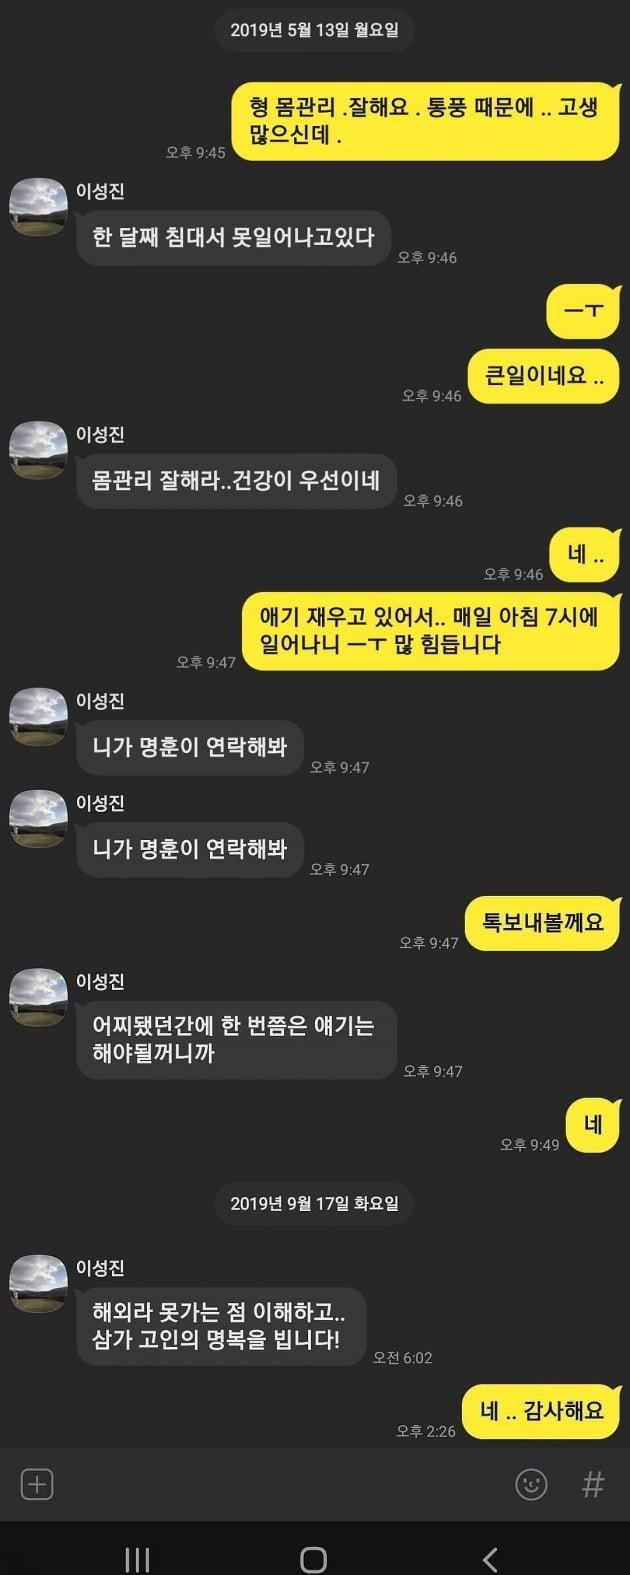 NRG 노유민이 공개한 이성진과의 메신저 대화내용/ 사진=인스타그램